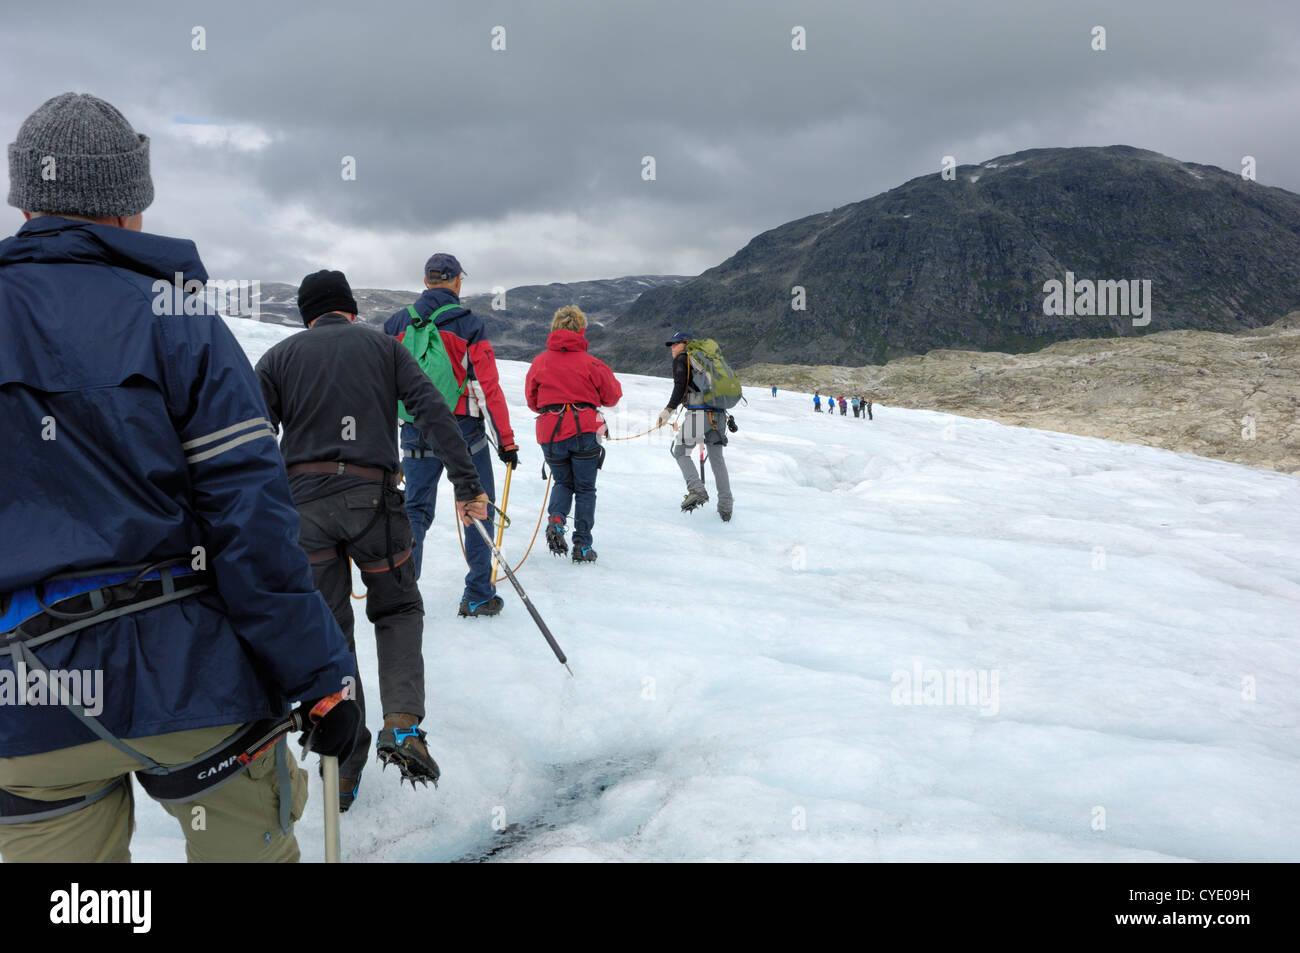 Glacier hike, Austdalsbreen glacier, Jostedalsbreen icecap, Sogn og Fjordane, Norway - Stock Image